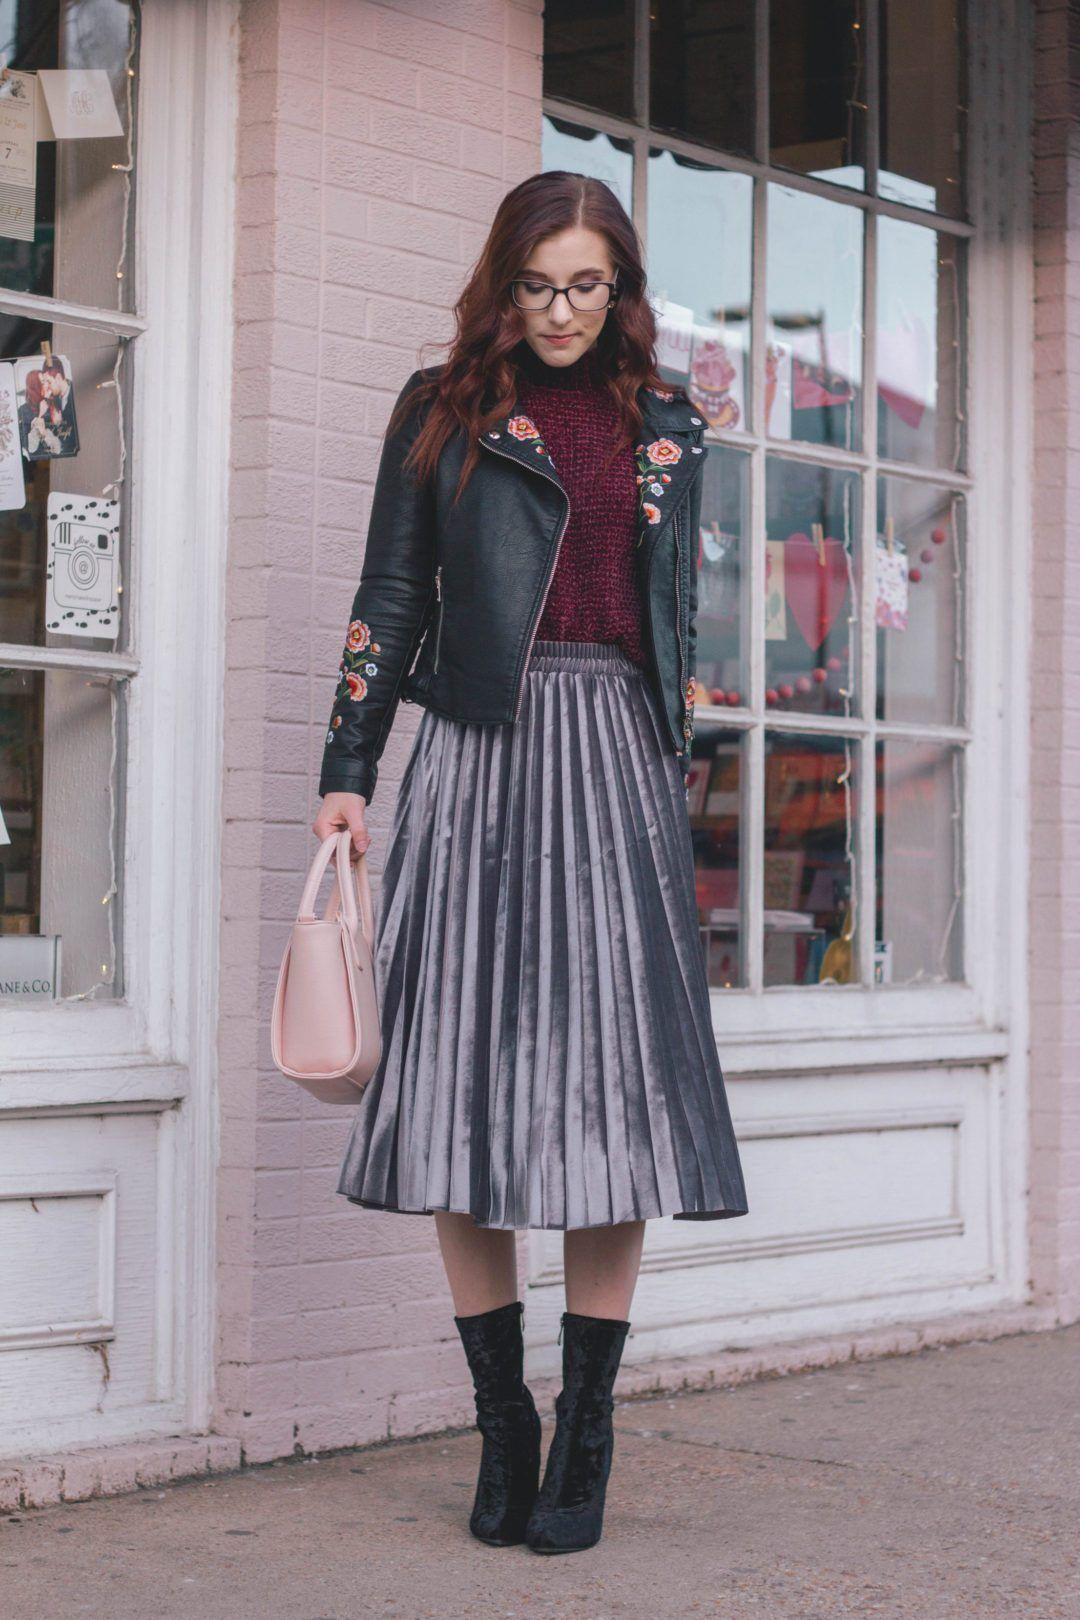 Bär kjol vinteroutfitidéer